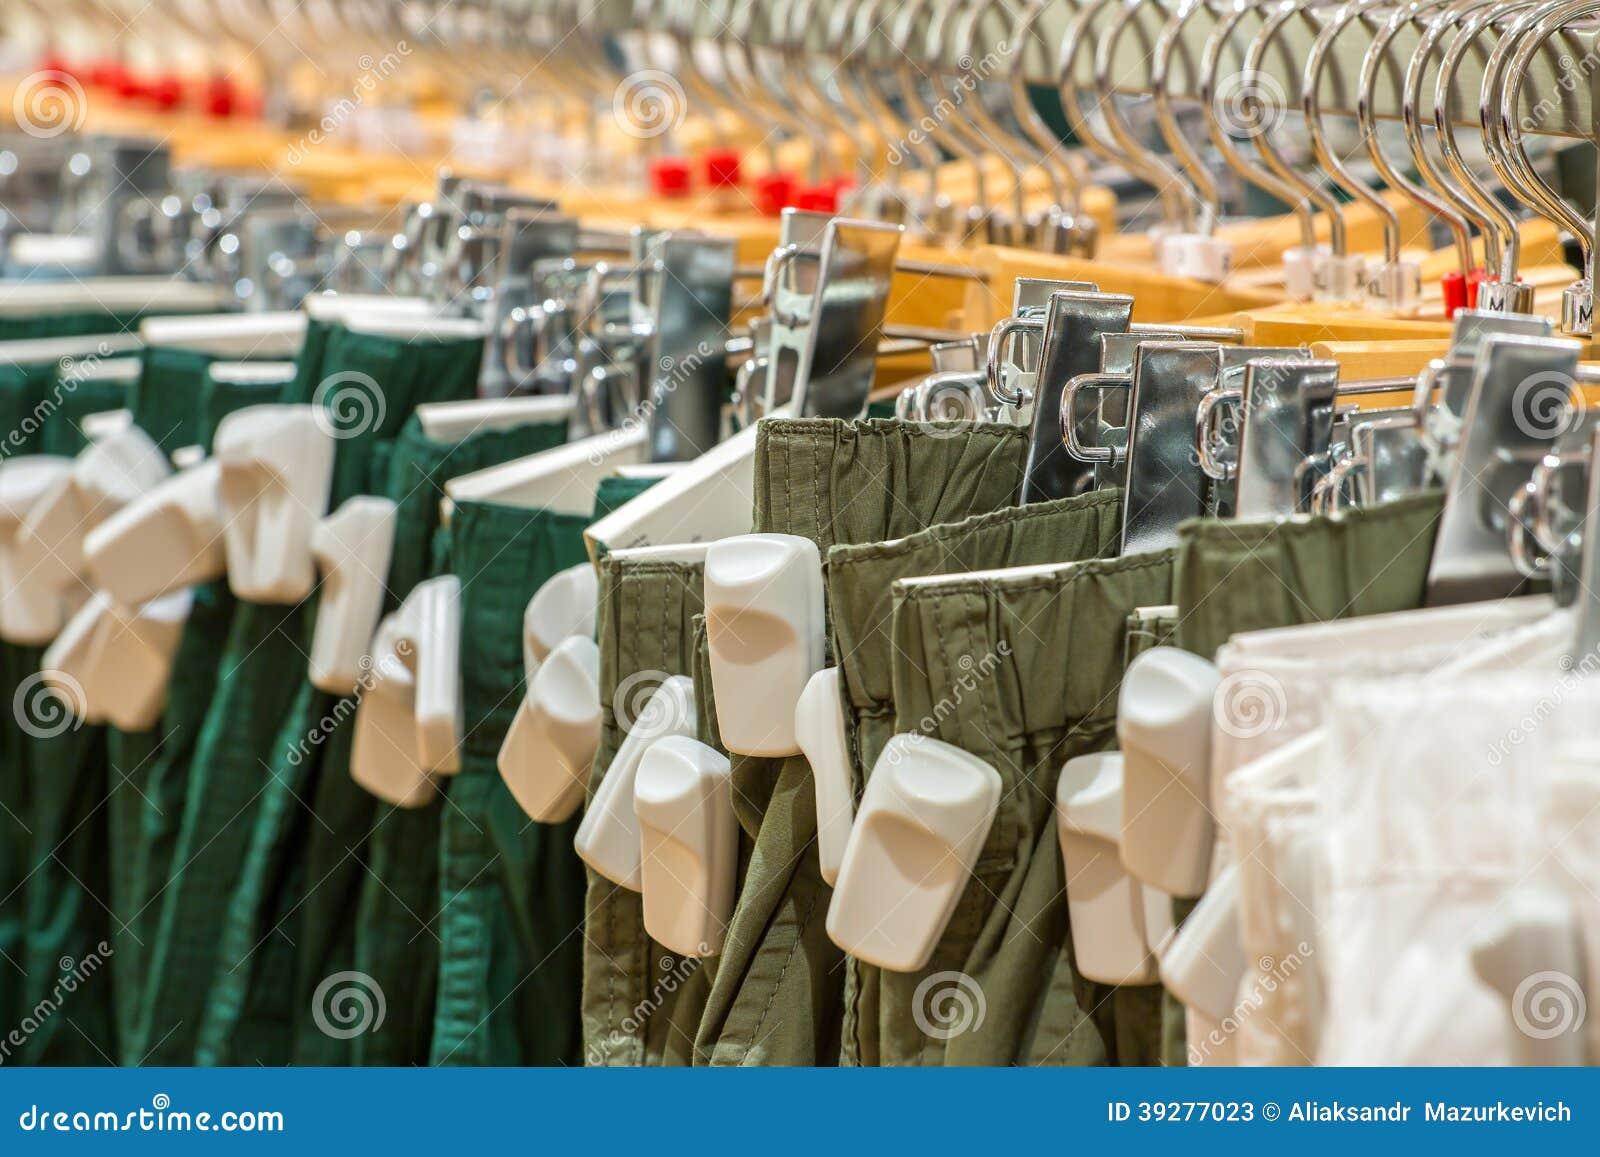 Антикражное оборудование для одежды